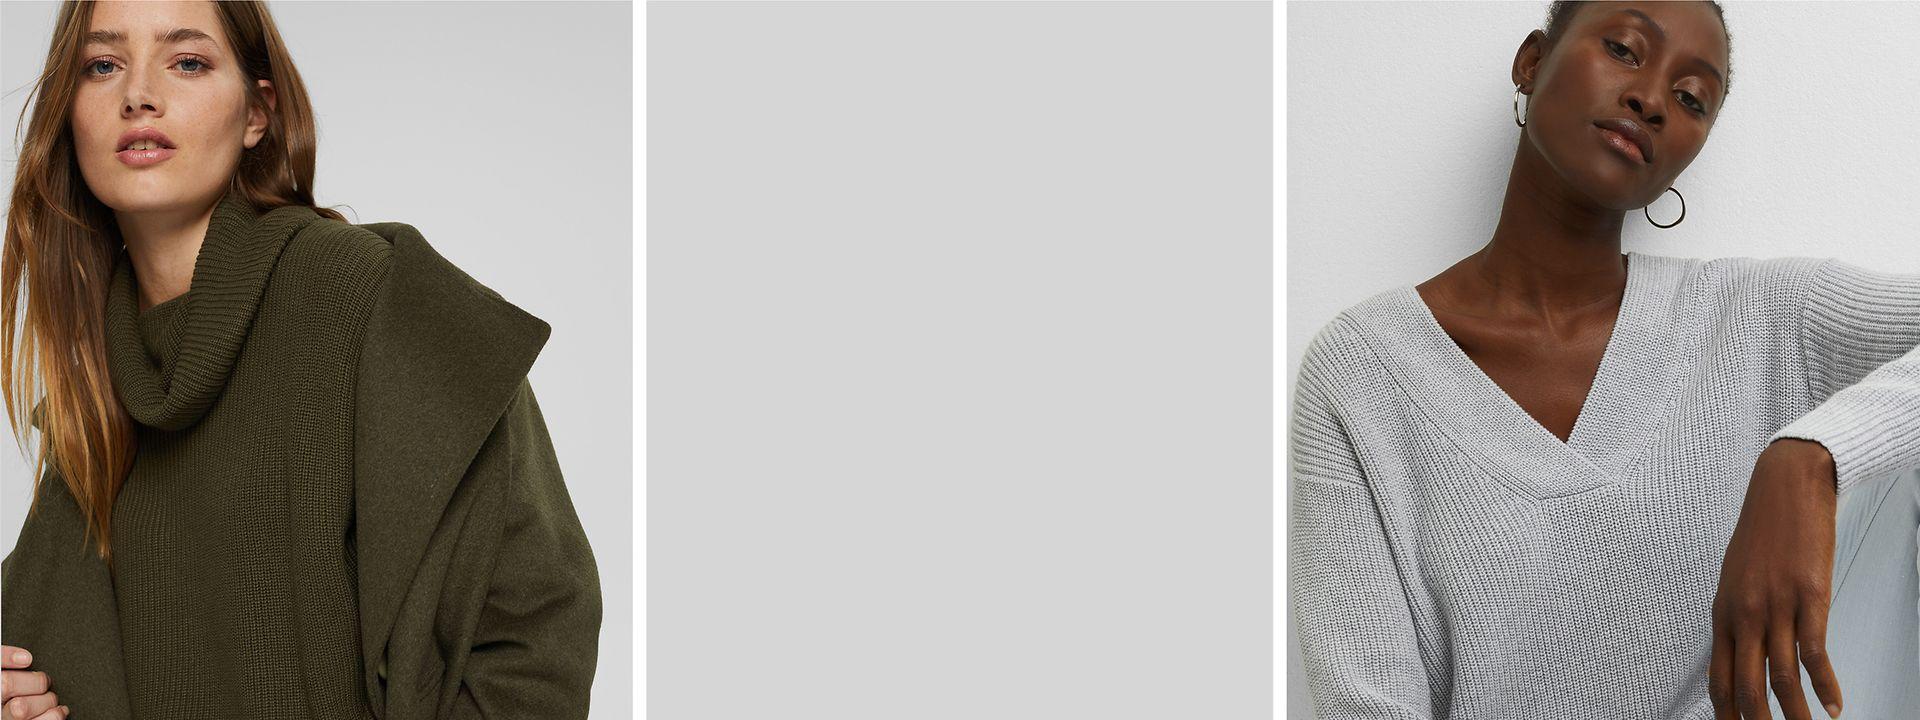 372021 - Unknown - Startpage - Women - Beautiful Fall